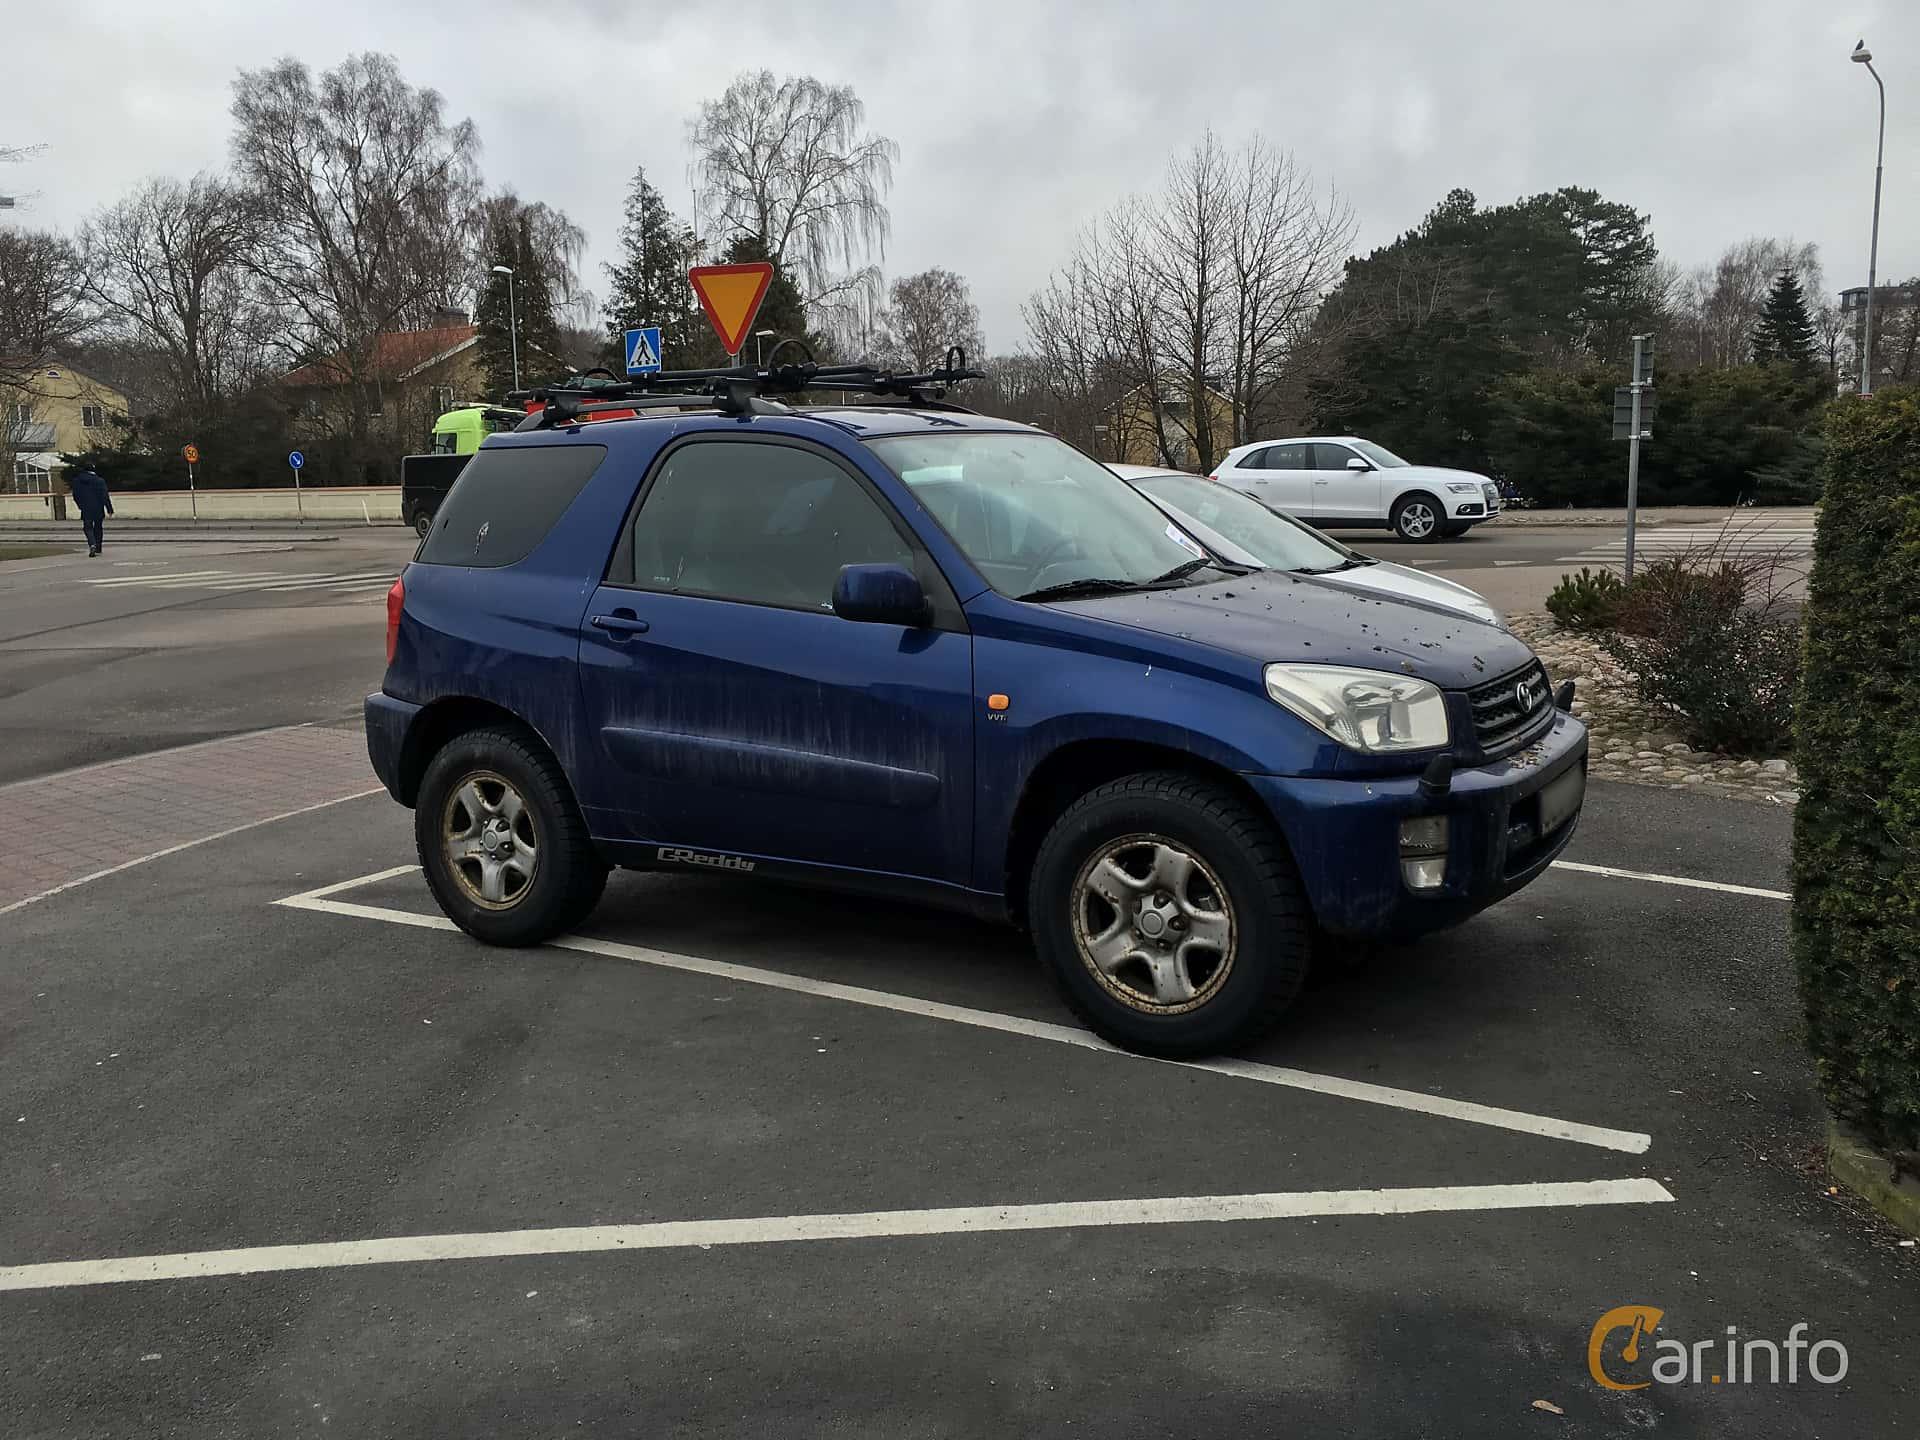 Toyota RAV4 Owners Manual: Side doors